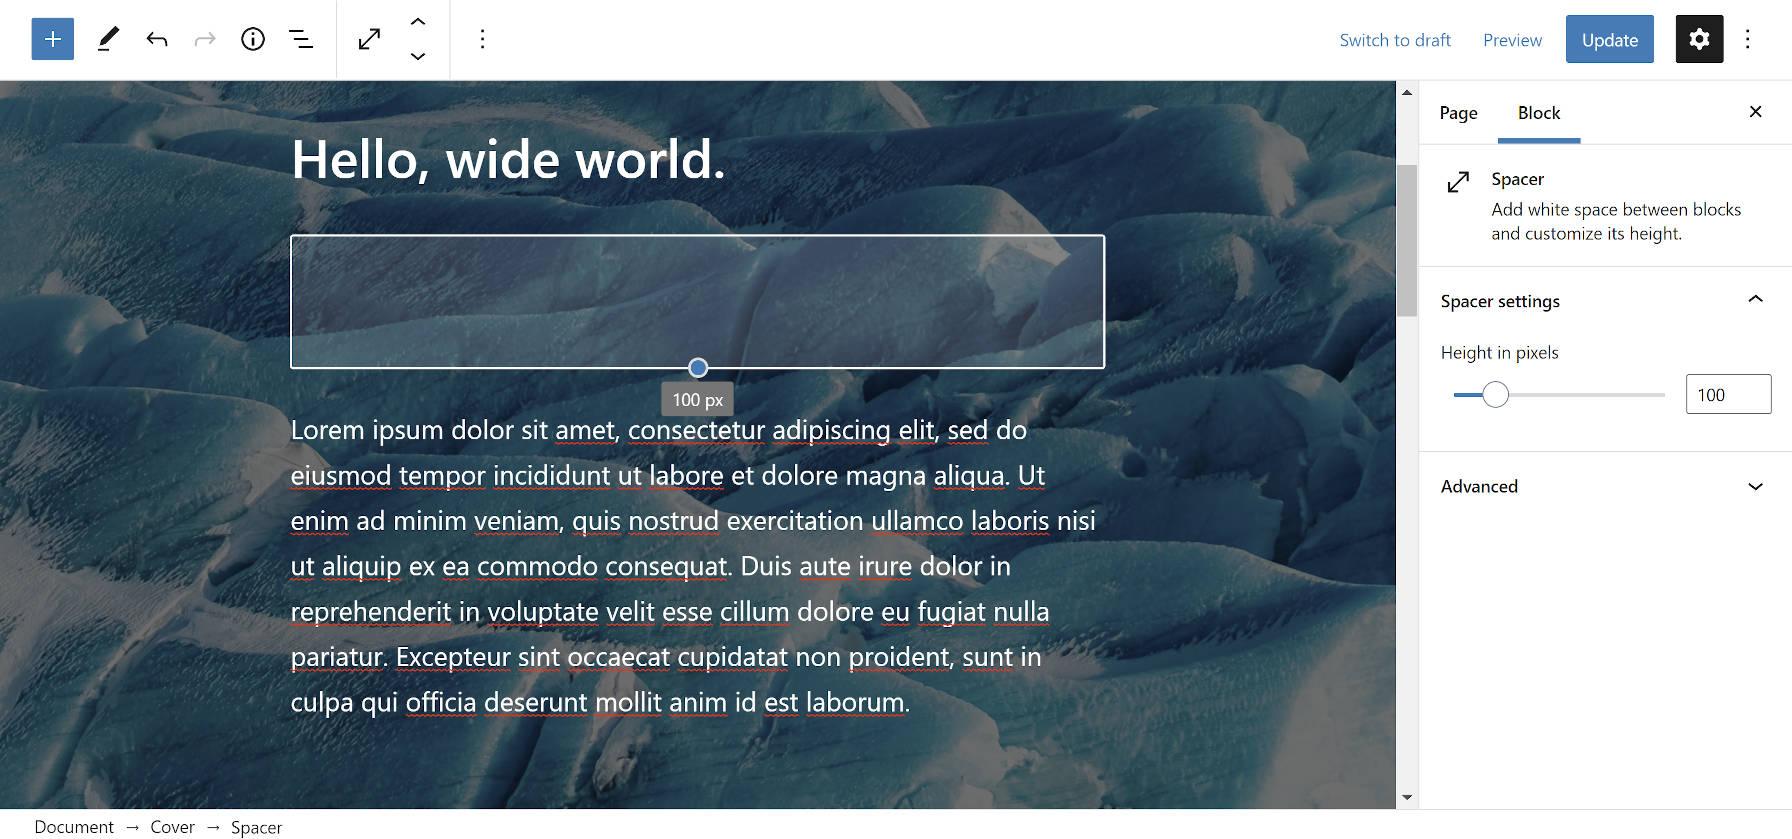 Utilisation du bloc Spacer, qui a maintenant une couleur semi-transparente, dans un bloc Cover dans l'éditeur WordPress.